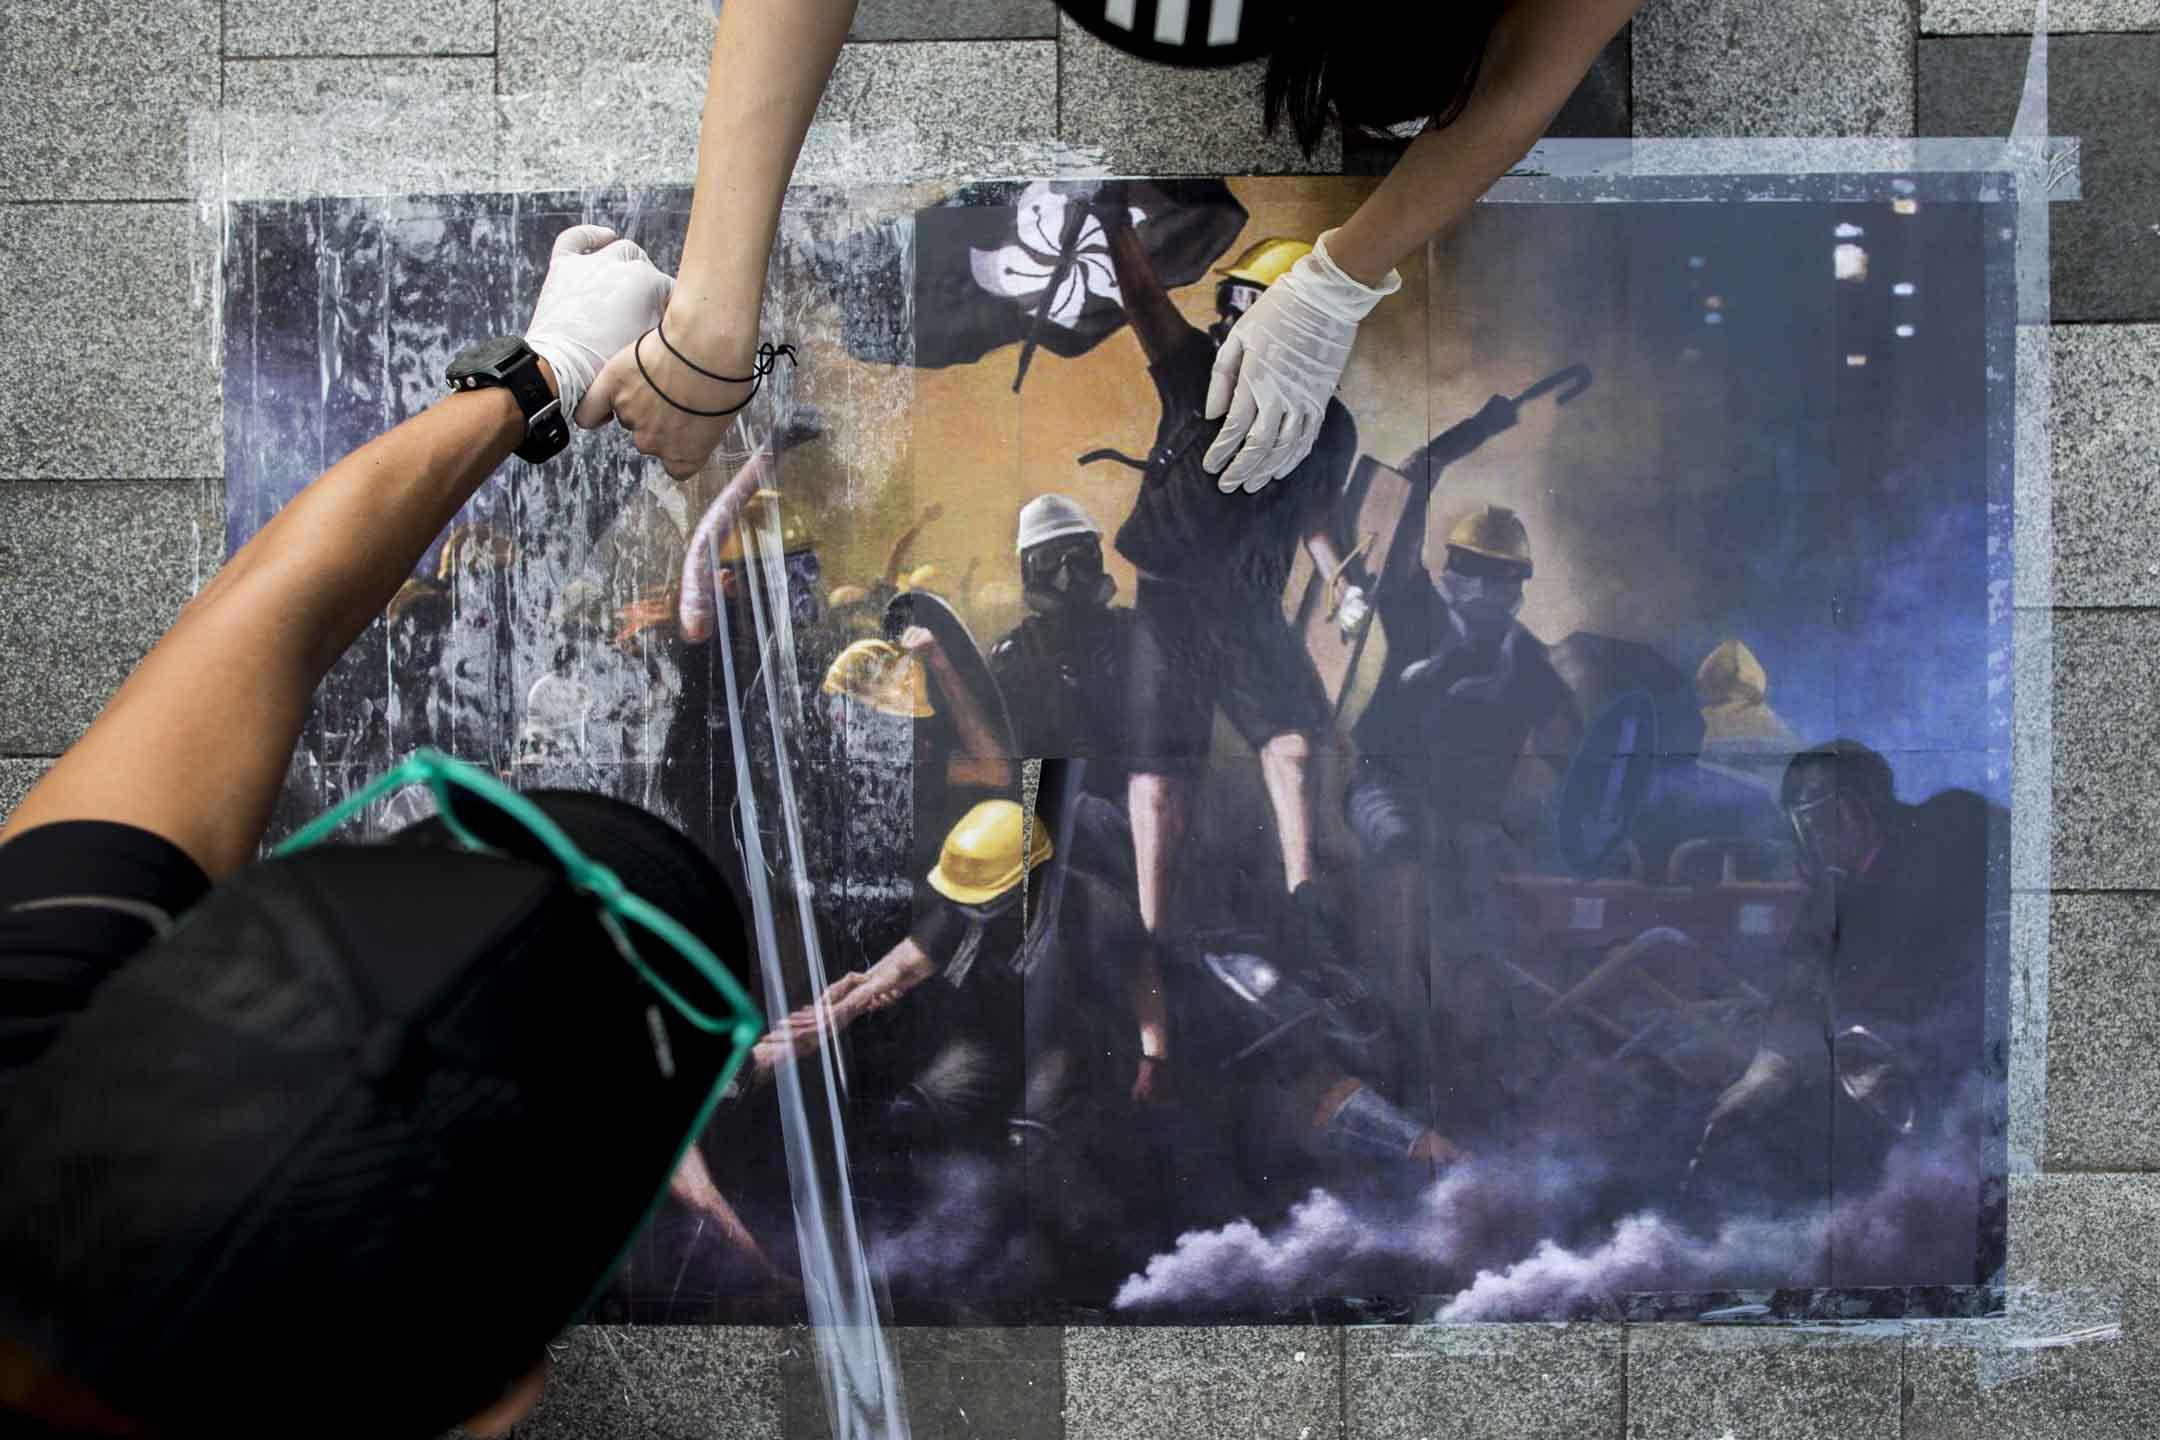 2019年9月28日,網民發起「連儂之路」活動,在港島多處張貼反修例運動文宣。 攝:林振東/端傳媒